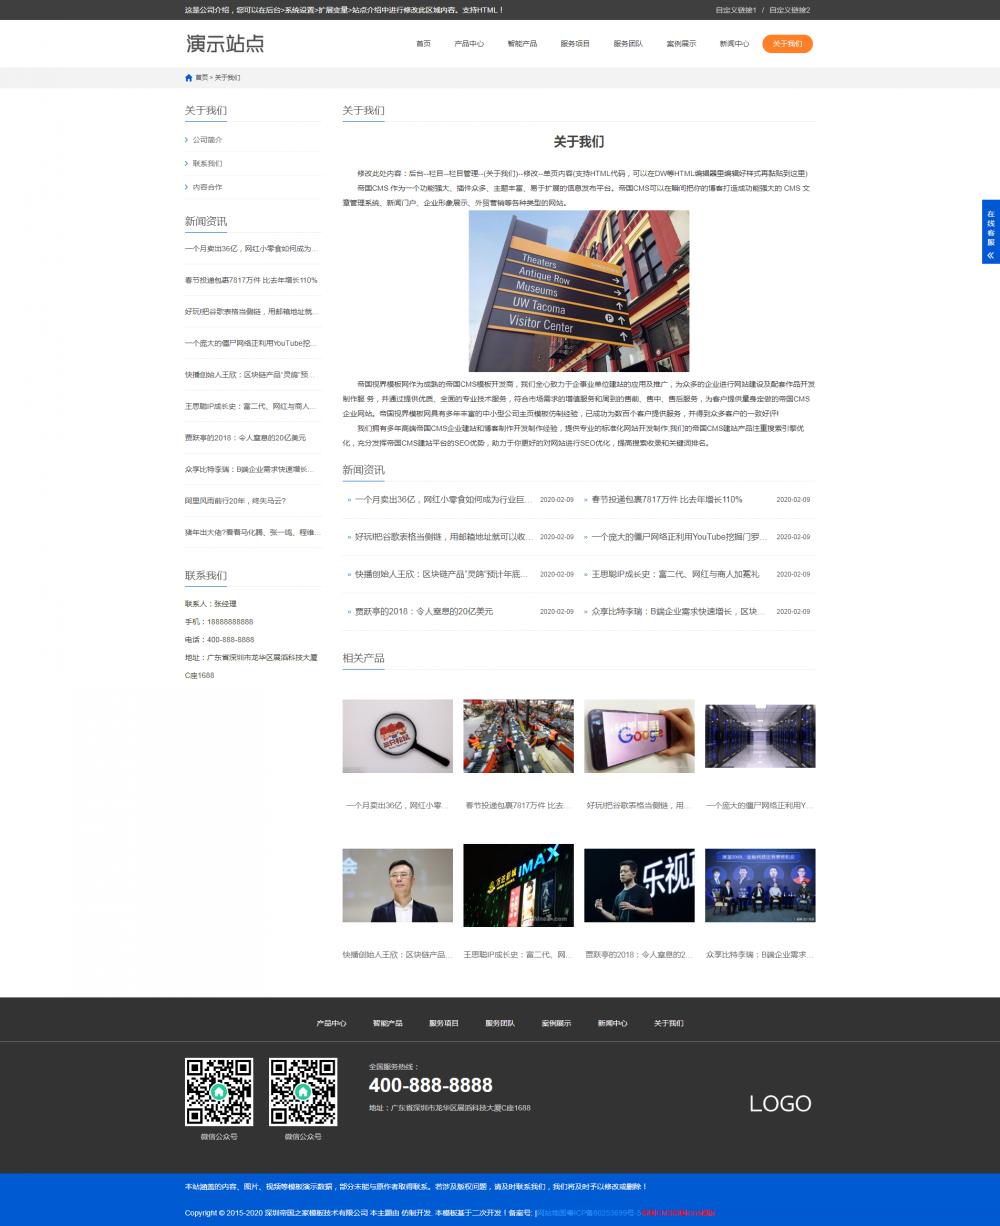 8关于我们.png [DG-0149]响应式企业产品展示帝国cms模板 自适应公司企业产品销售模板 企业模板 第8张